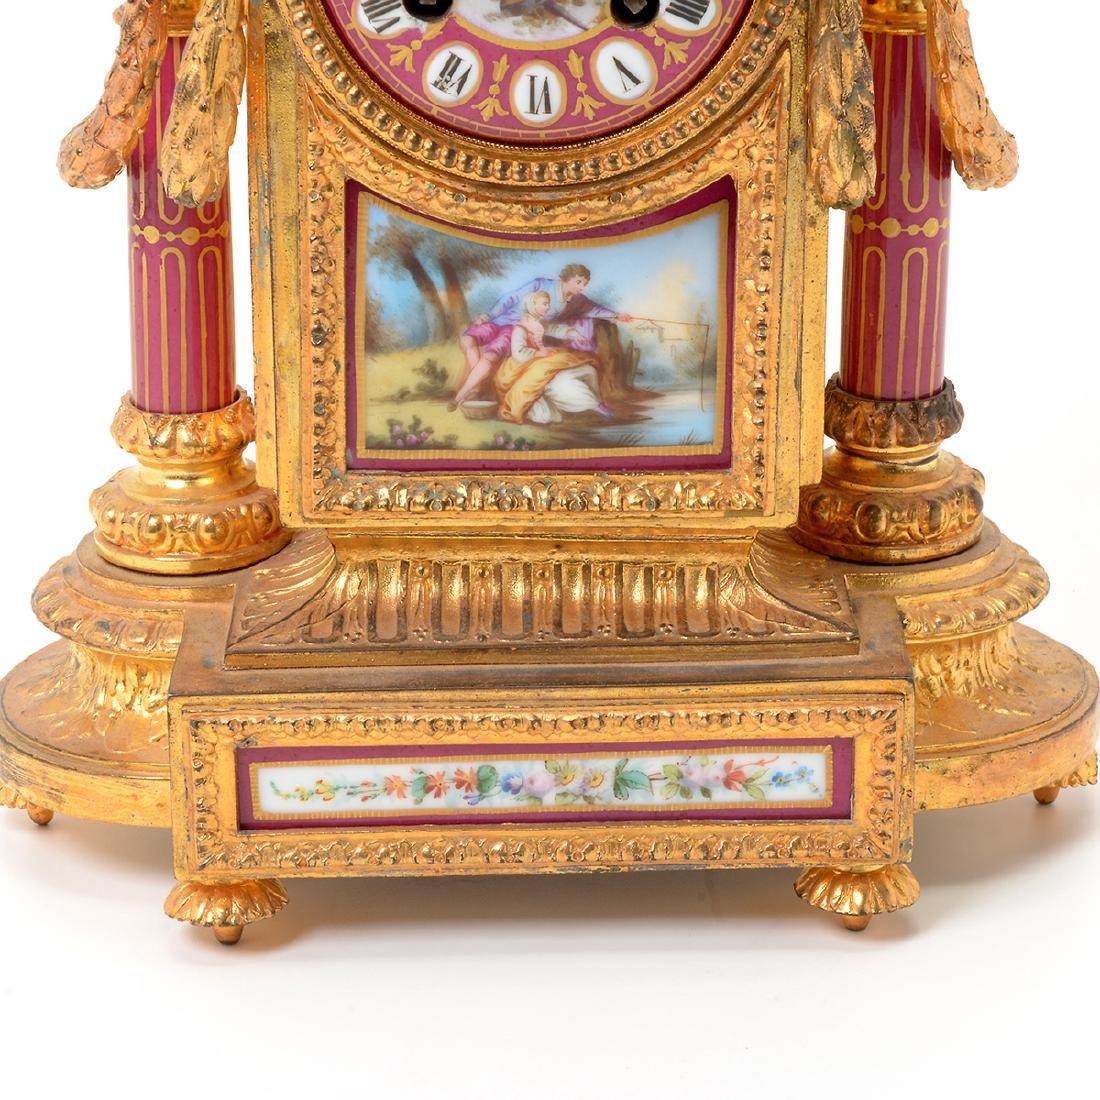 Louis XVI Style Gilt Bronze Porcelain Mantel Clock - 4